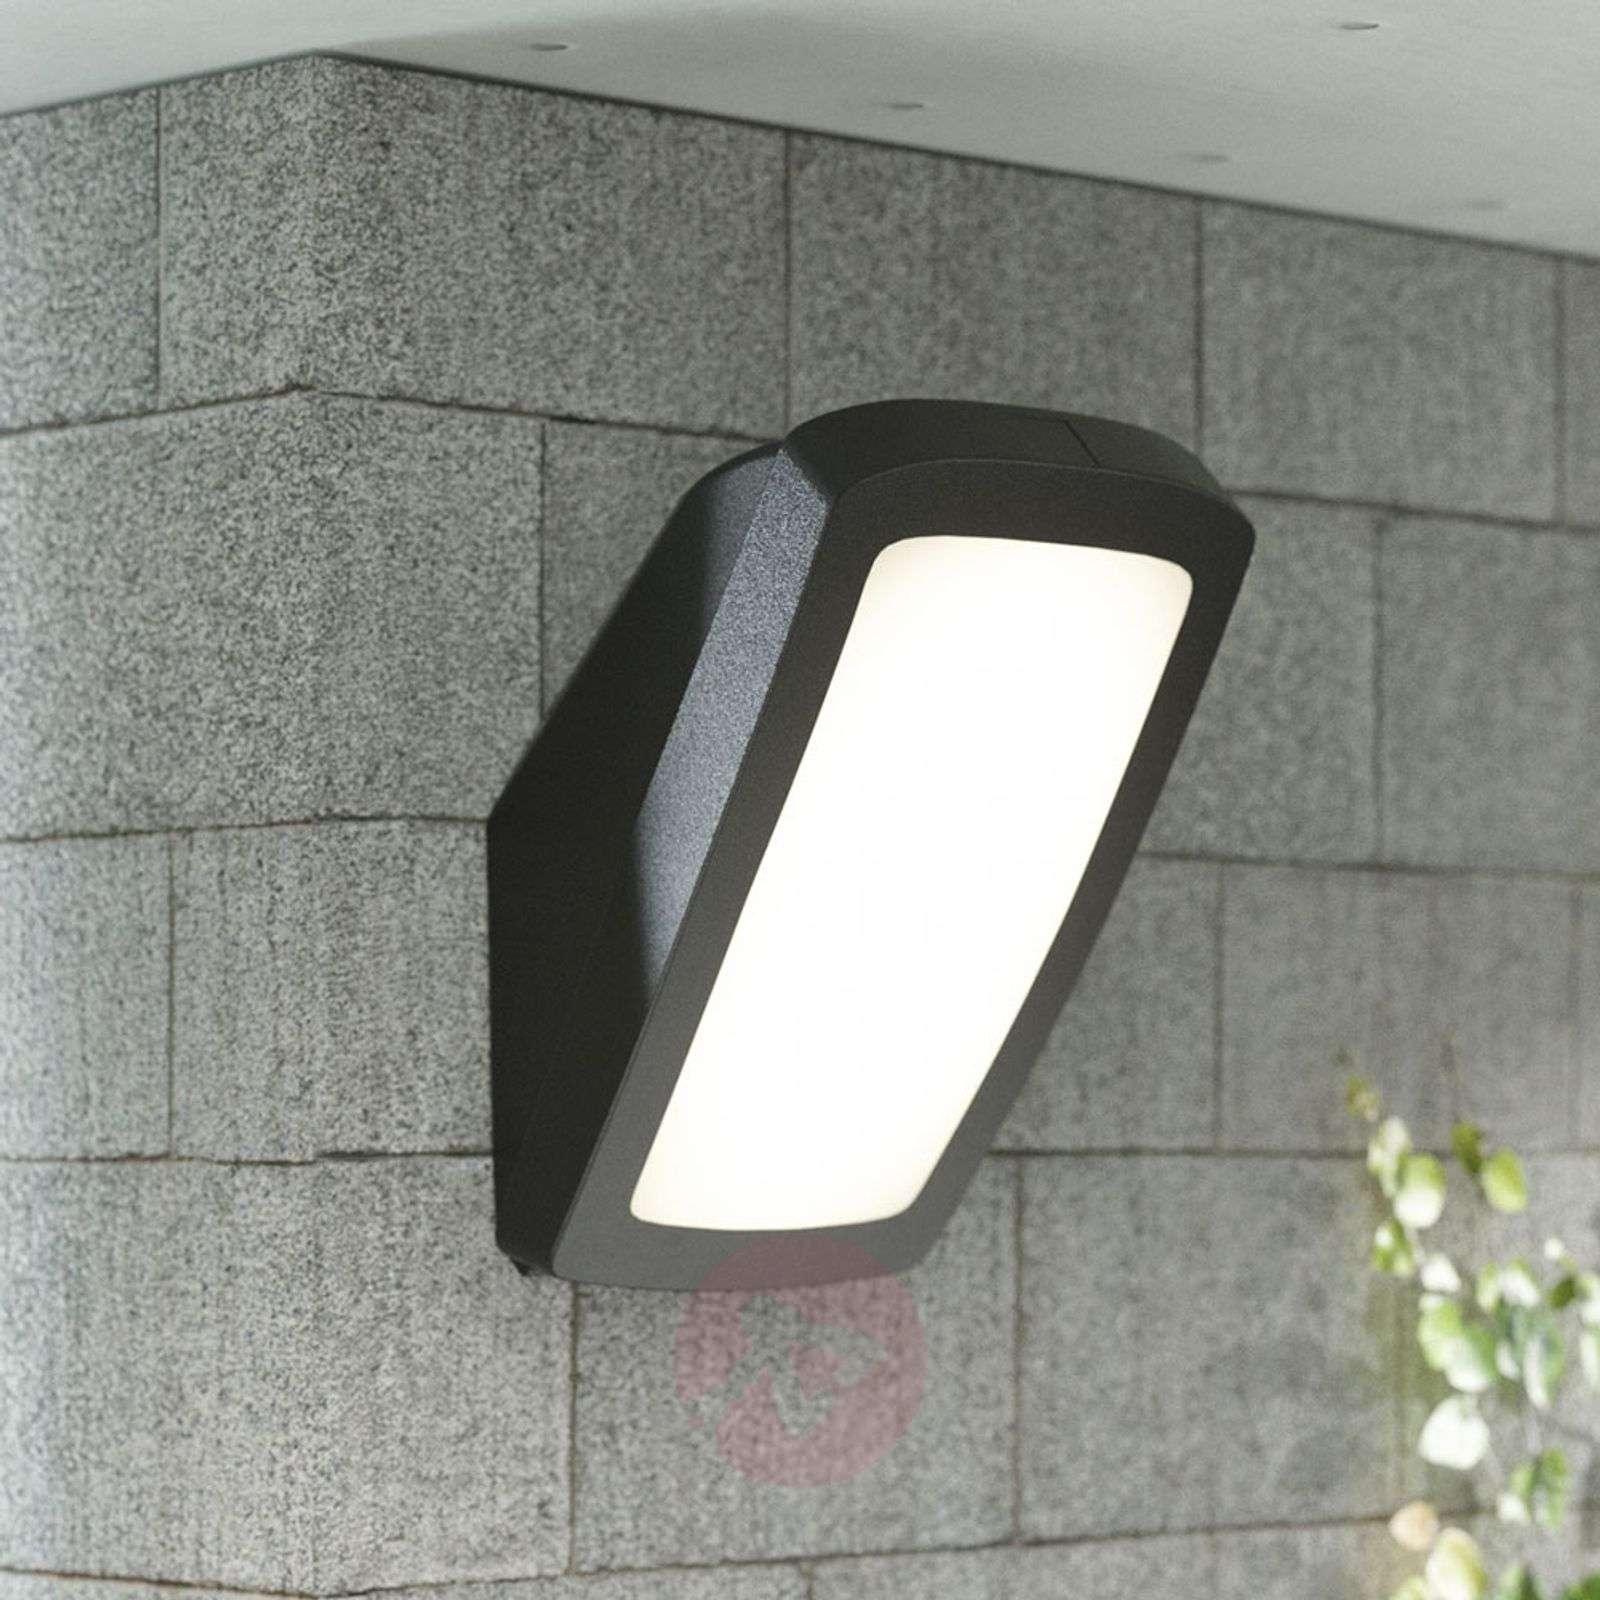 Kirkas ulkoseinävalaisin Germana LED 14W, musta-3538094-01